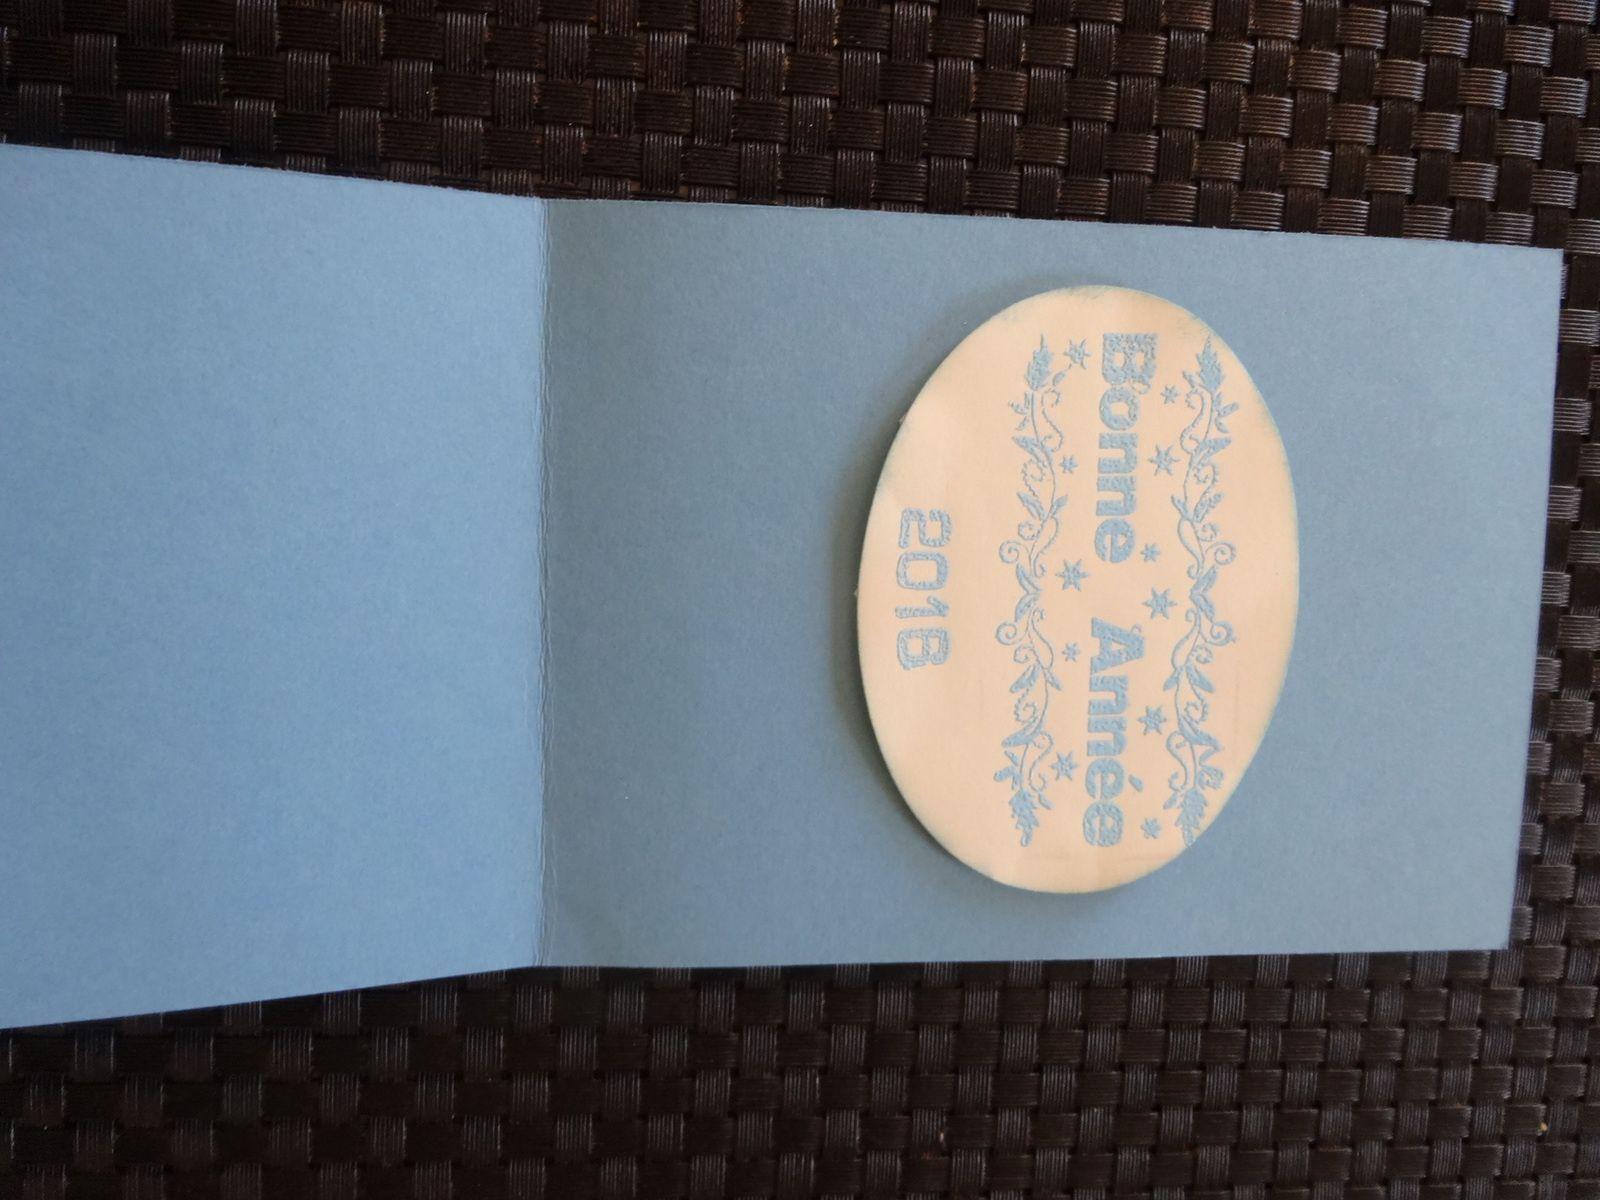 tjrs du bleu pour cette carte voeux &quot&#x3B;colombe de la paix&quot&#x3B;